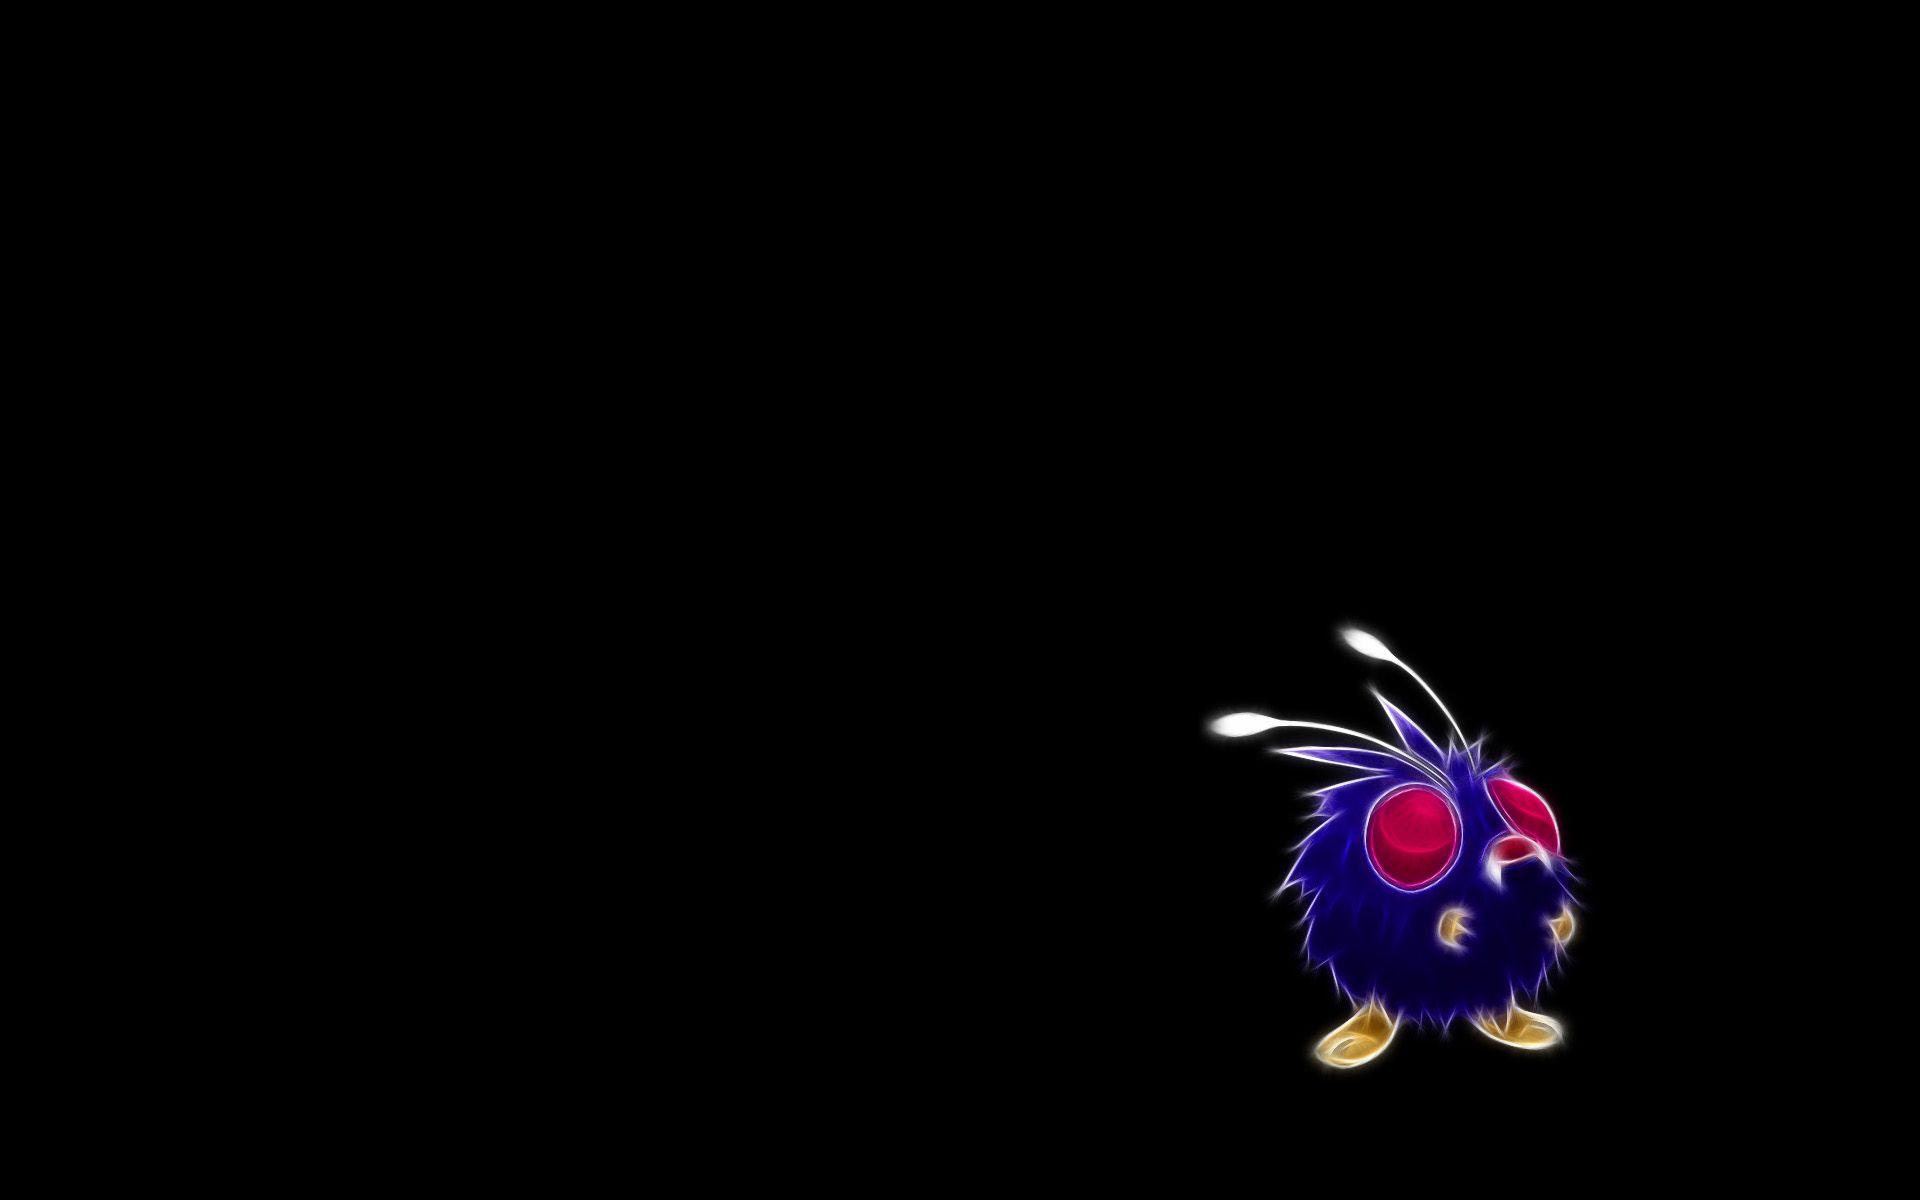 #venonat #pokemon #anime #pocketmonster